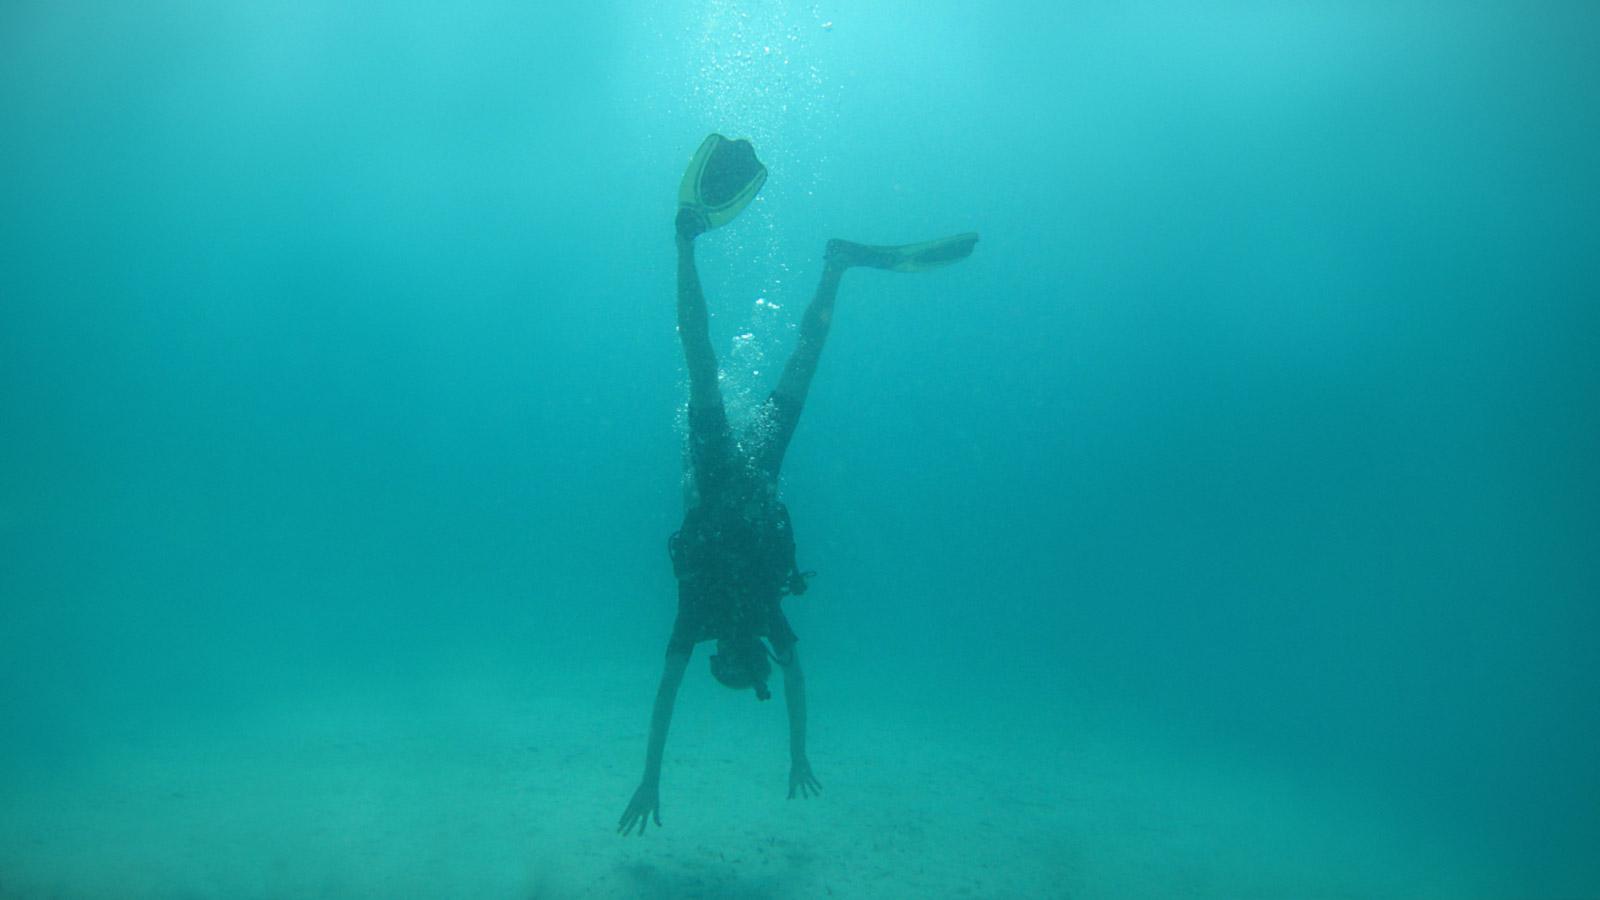 Christian macht Handstand unter Wasser